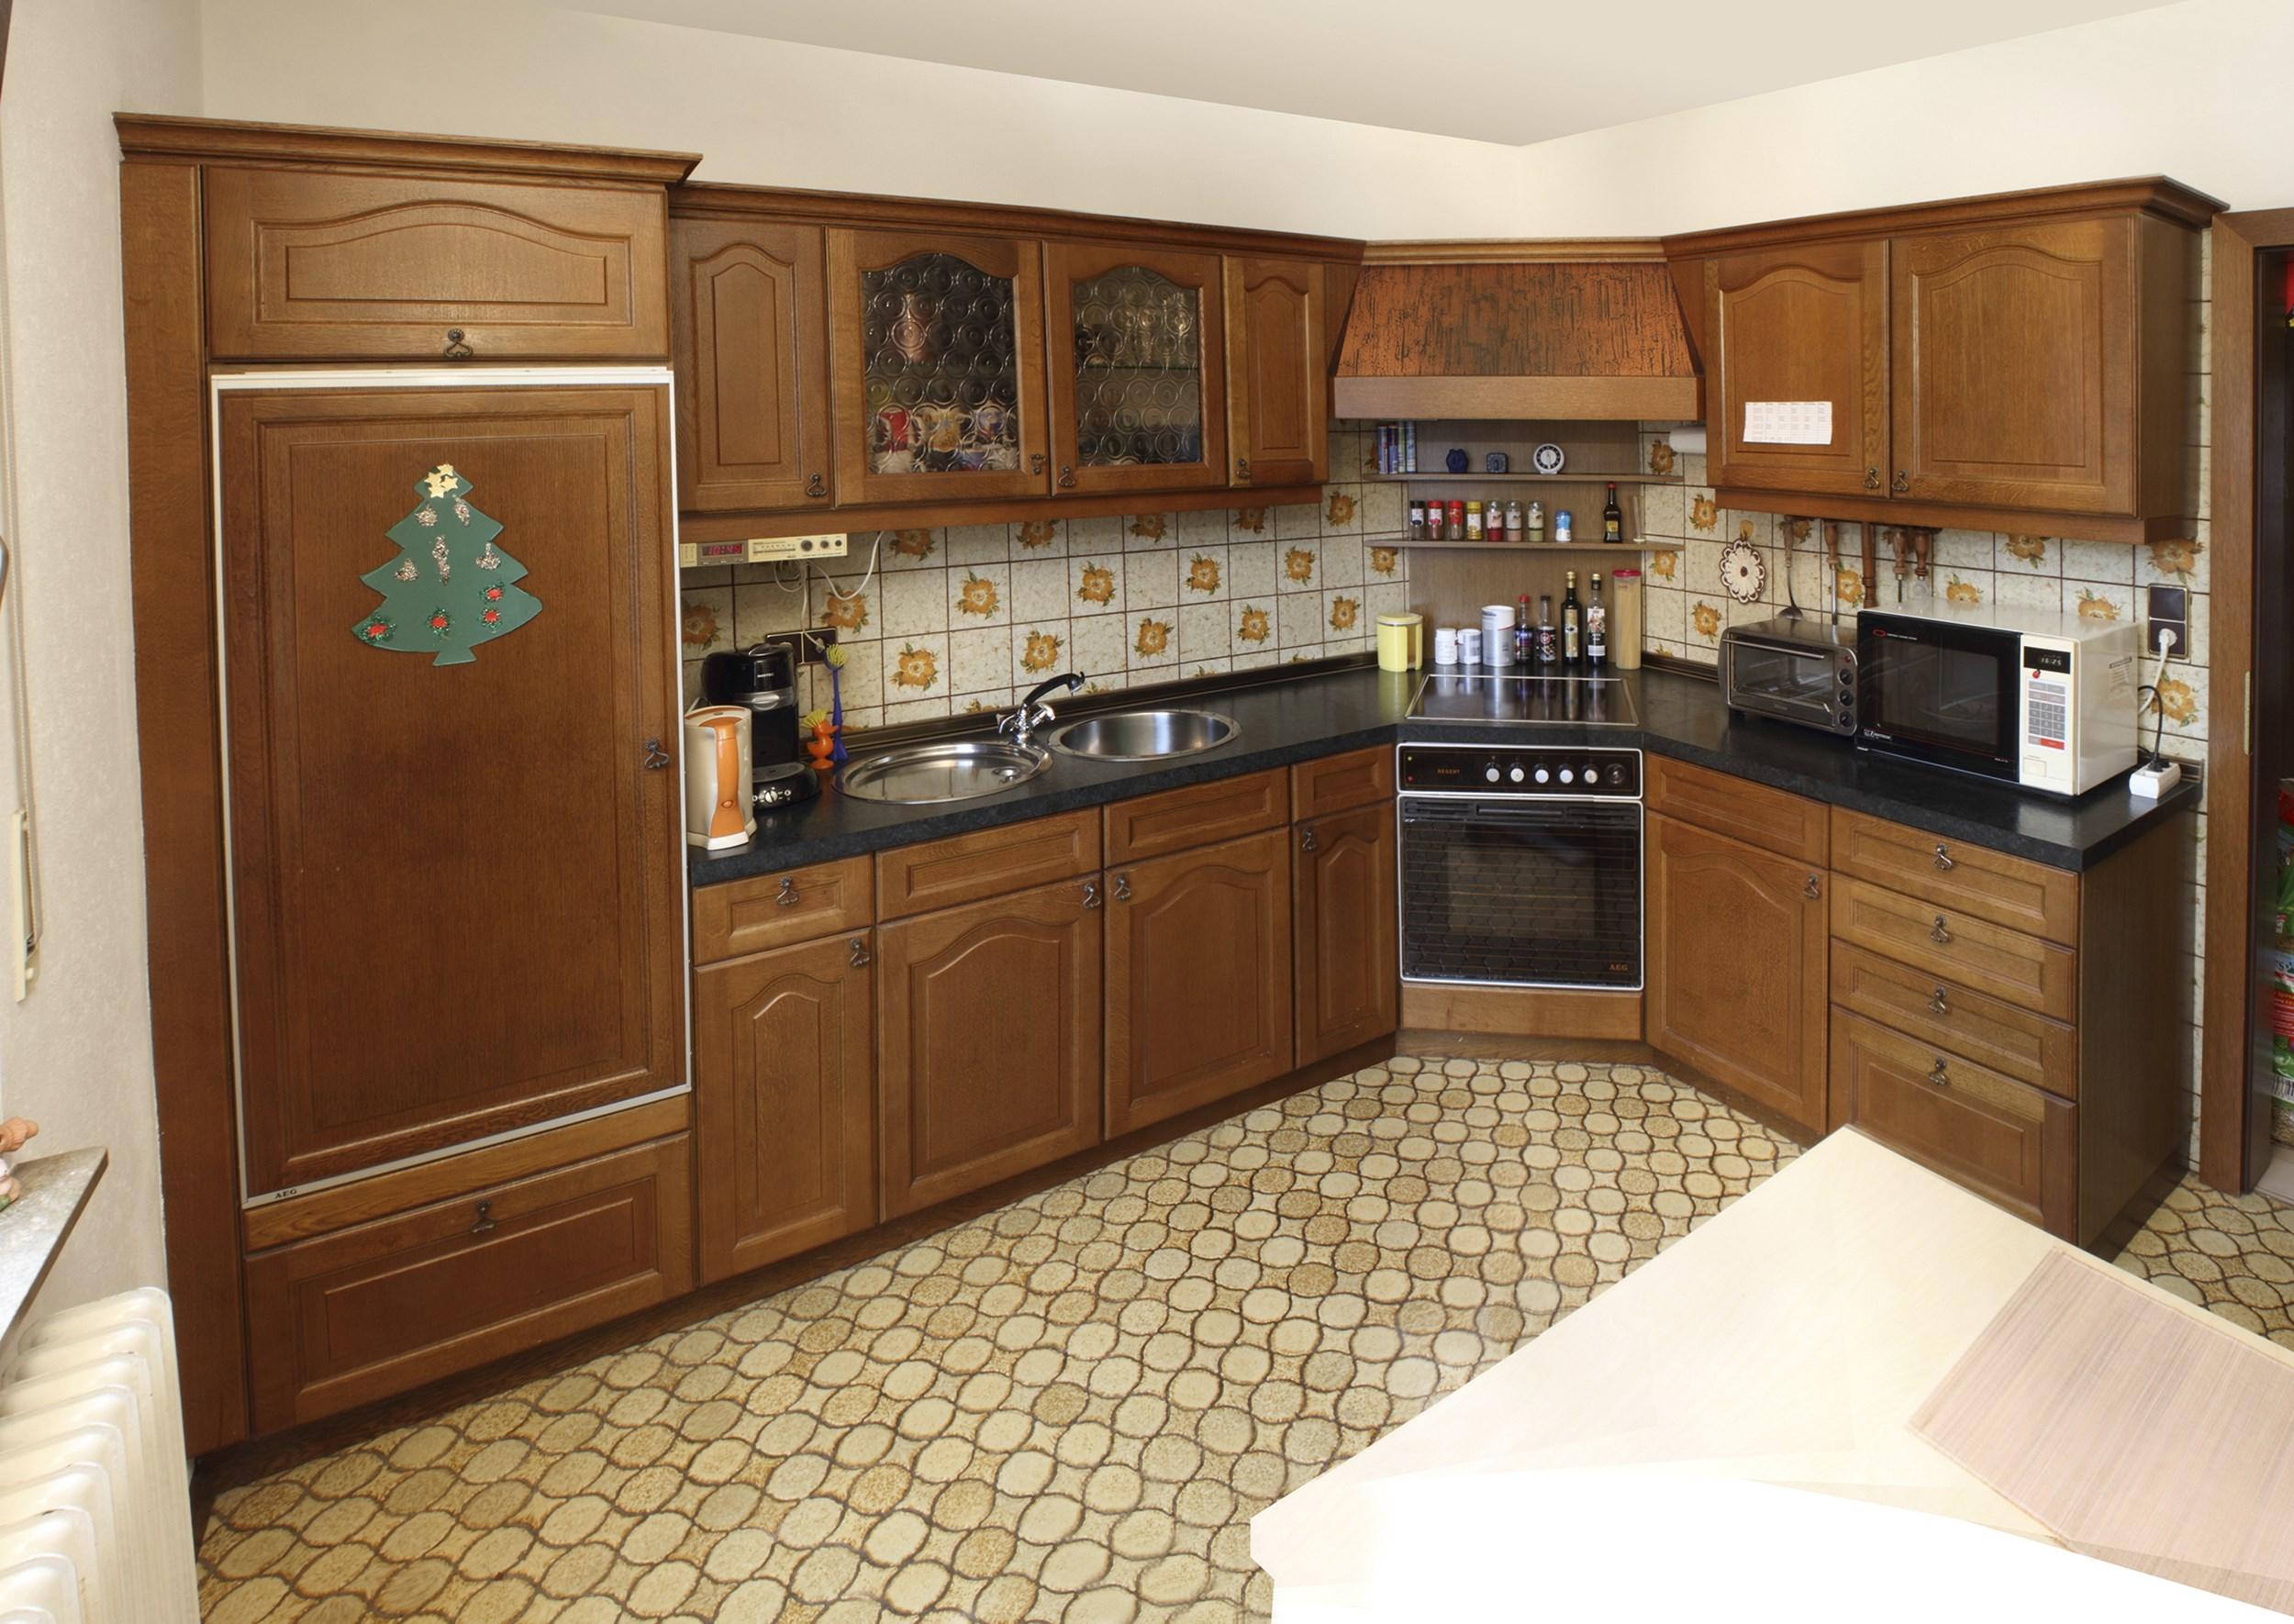 Keukenrenovatie Voorbeelden : Portas Keukenrenovatie ~ Beste ideeën voor interieurontwerp